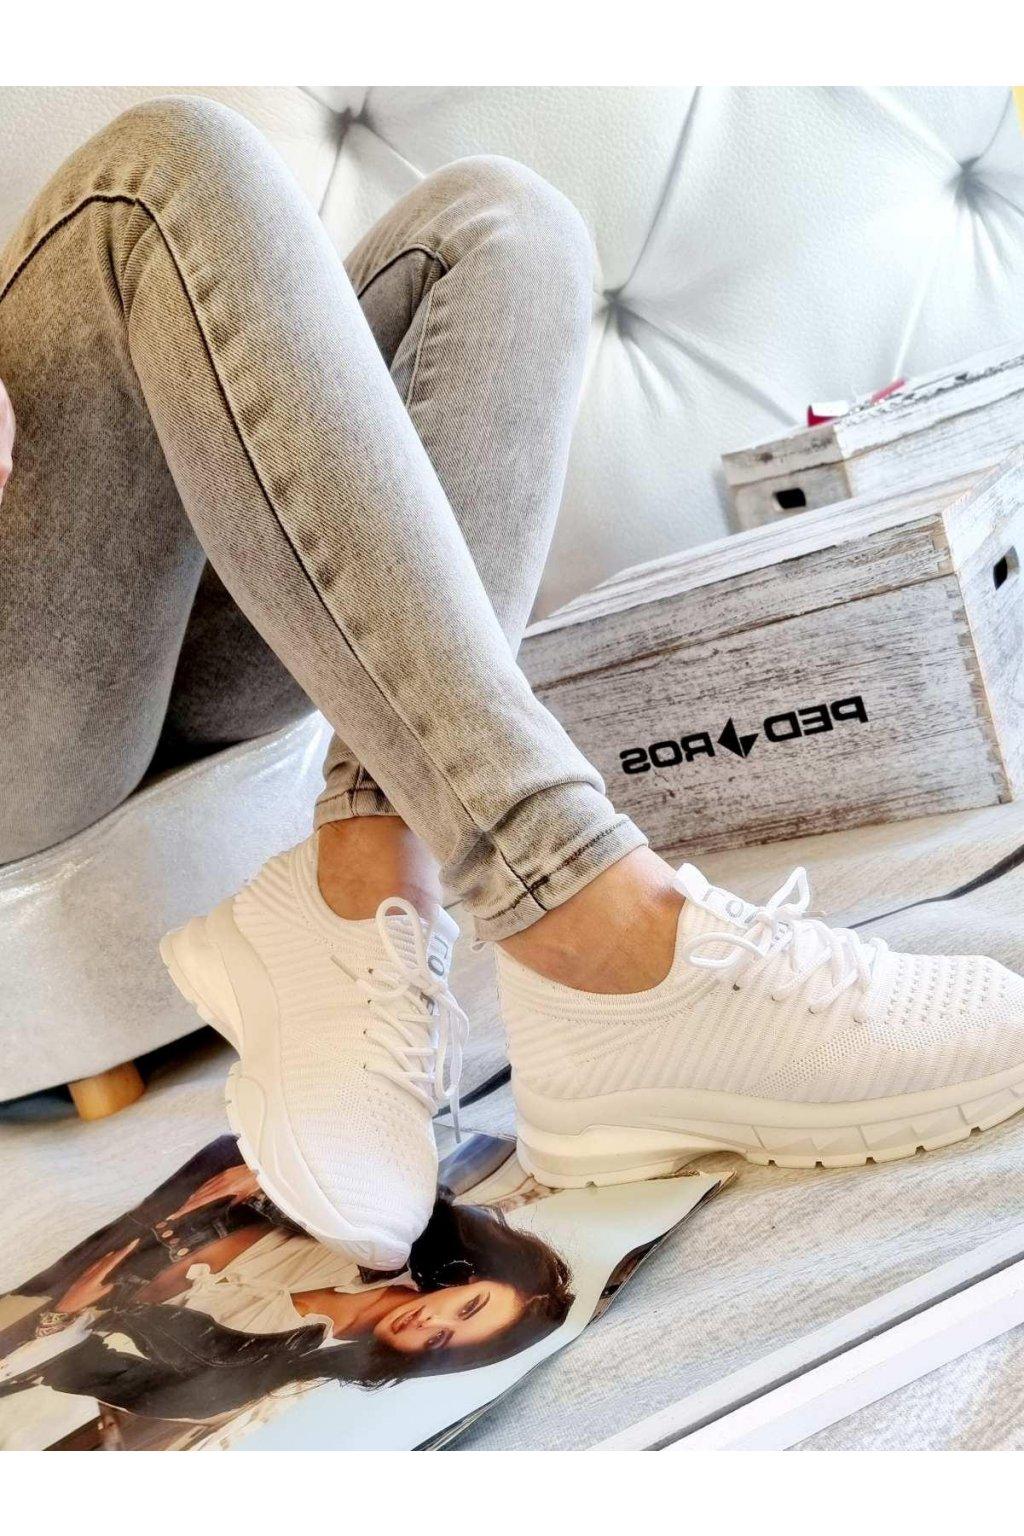 Tenisky WHITY pohodlné textilní tenisky trendy bílé